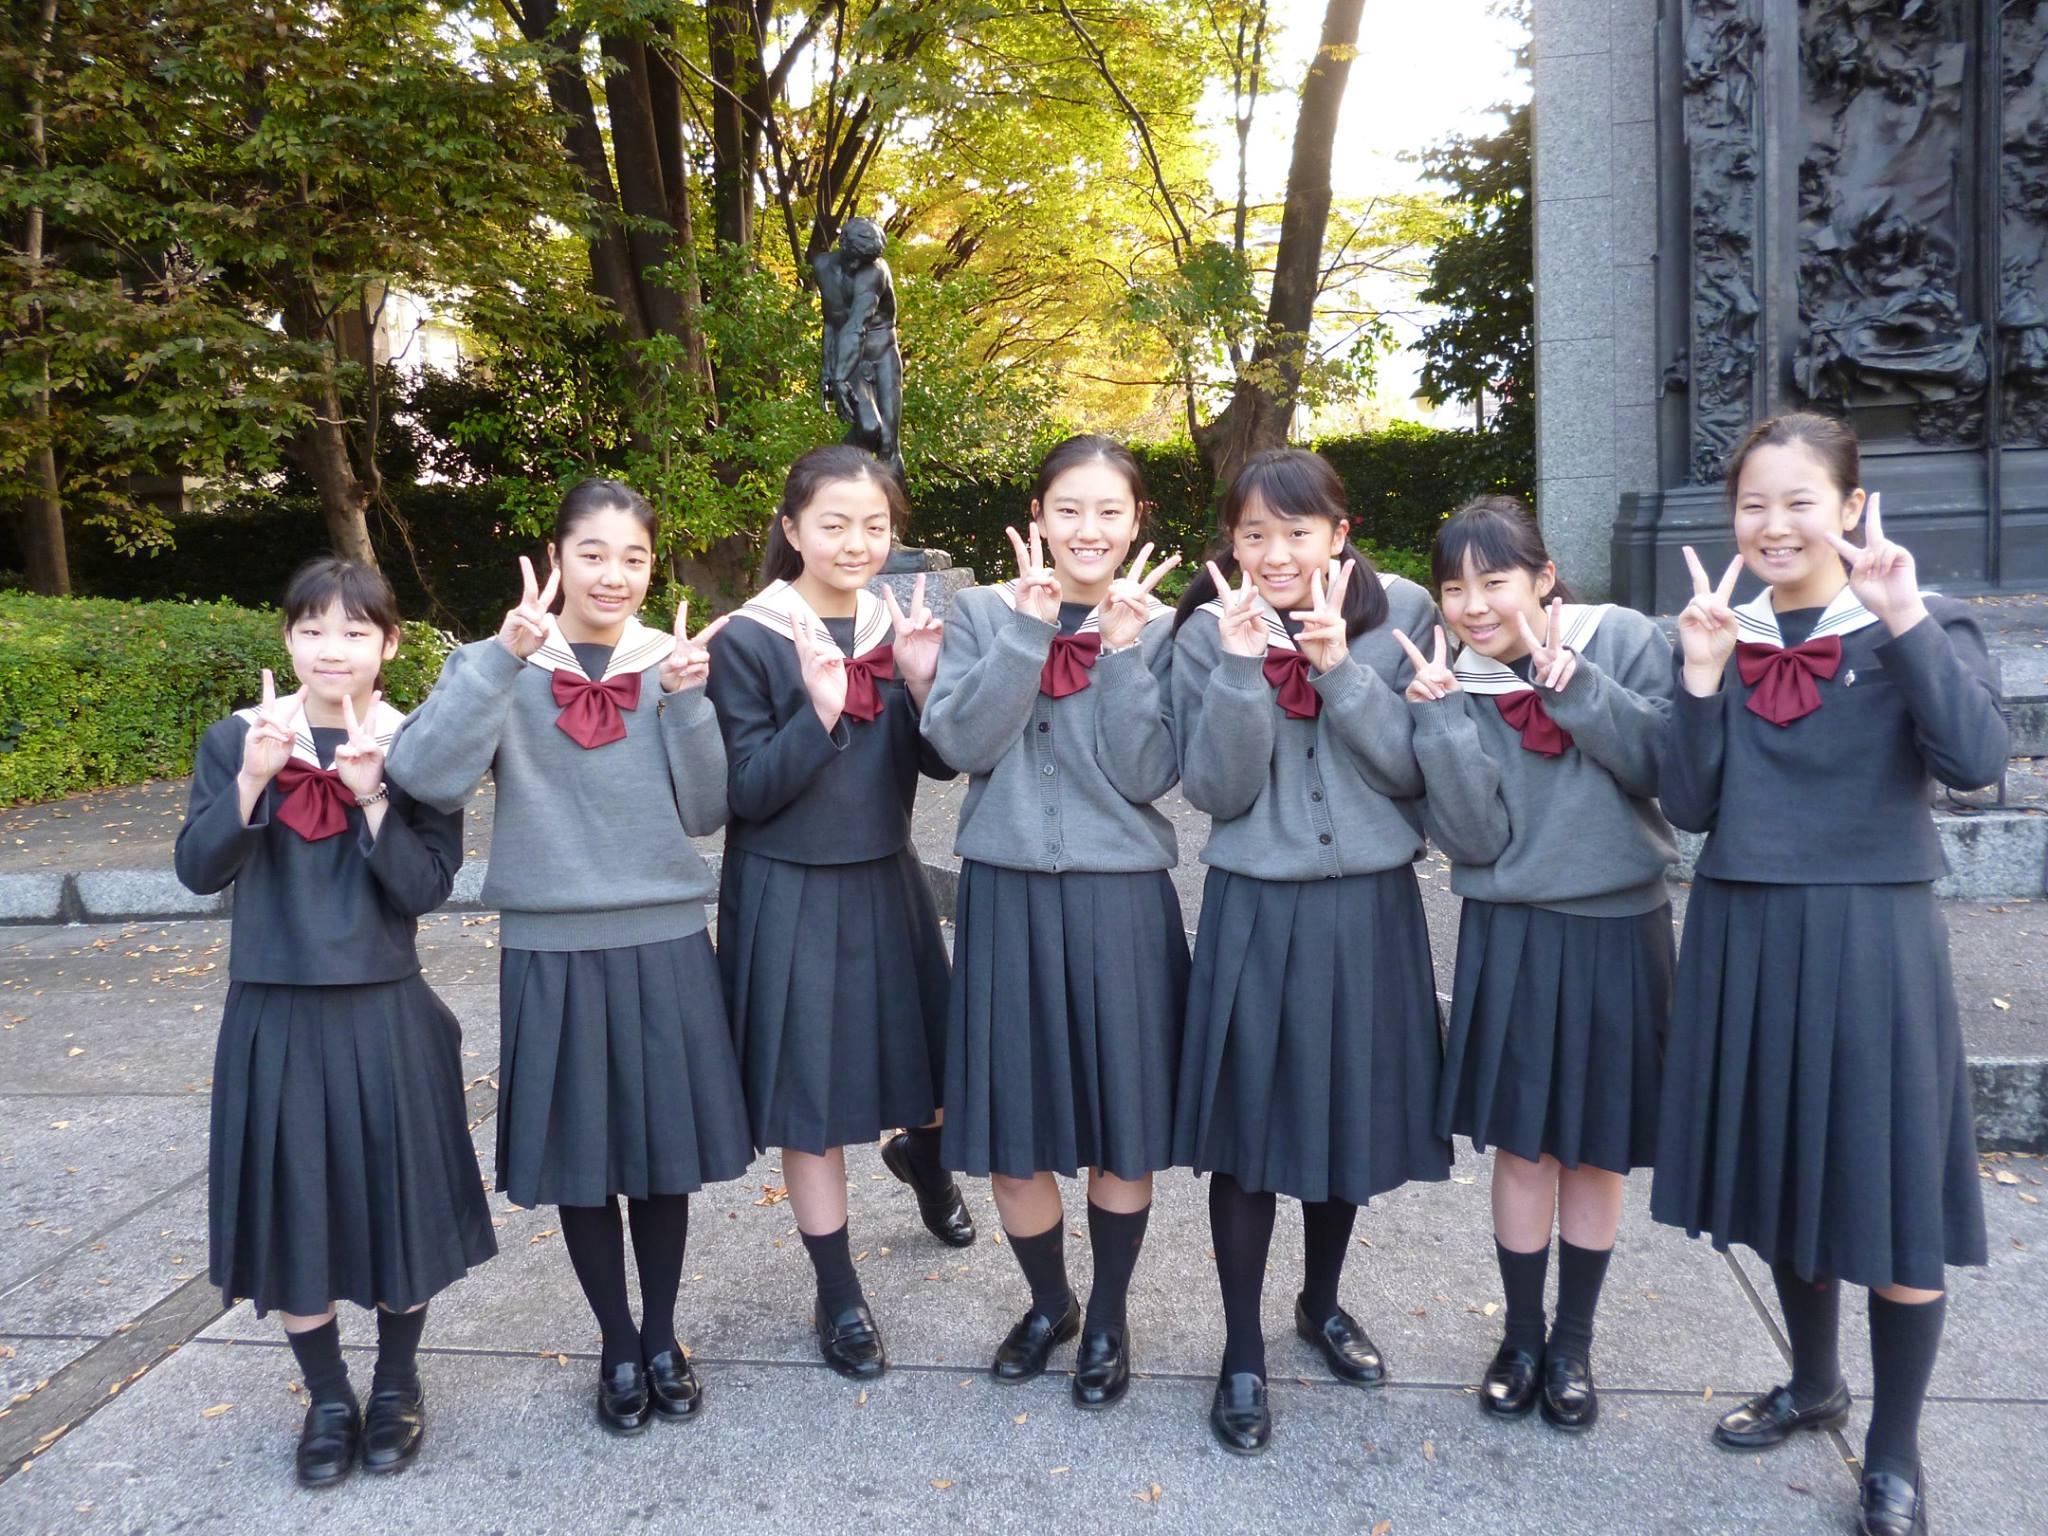 高等 女子 学校 附属 大学 聖徳